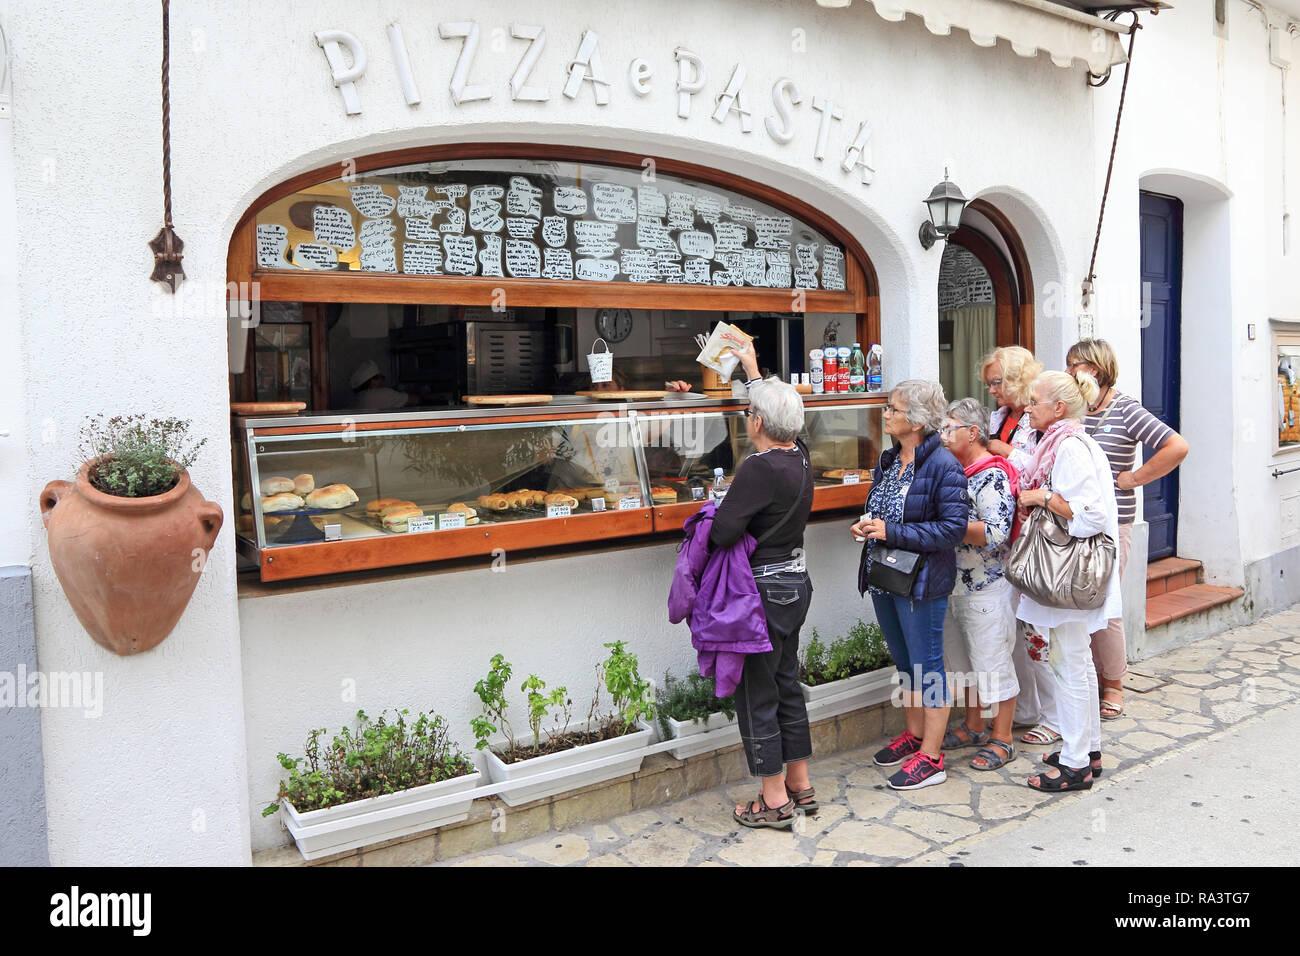 Customers queueing at food takeaway, Capri Stock Photo